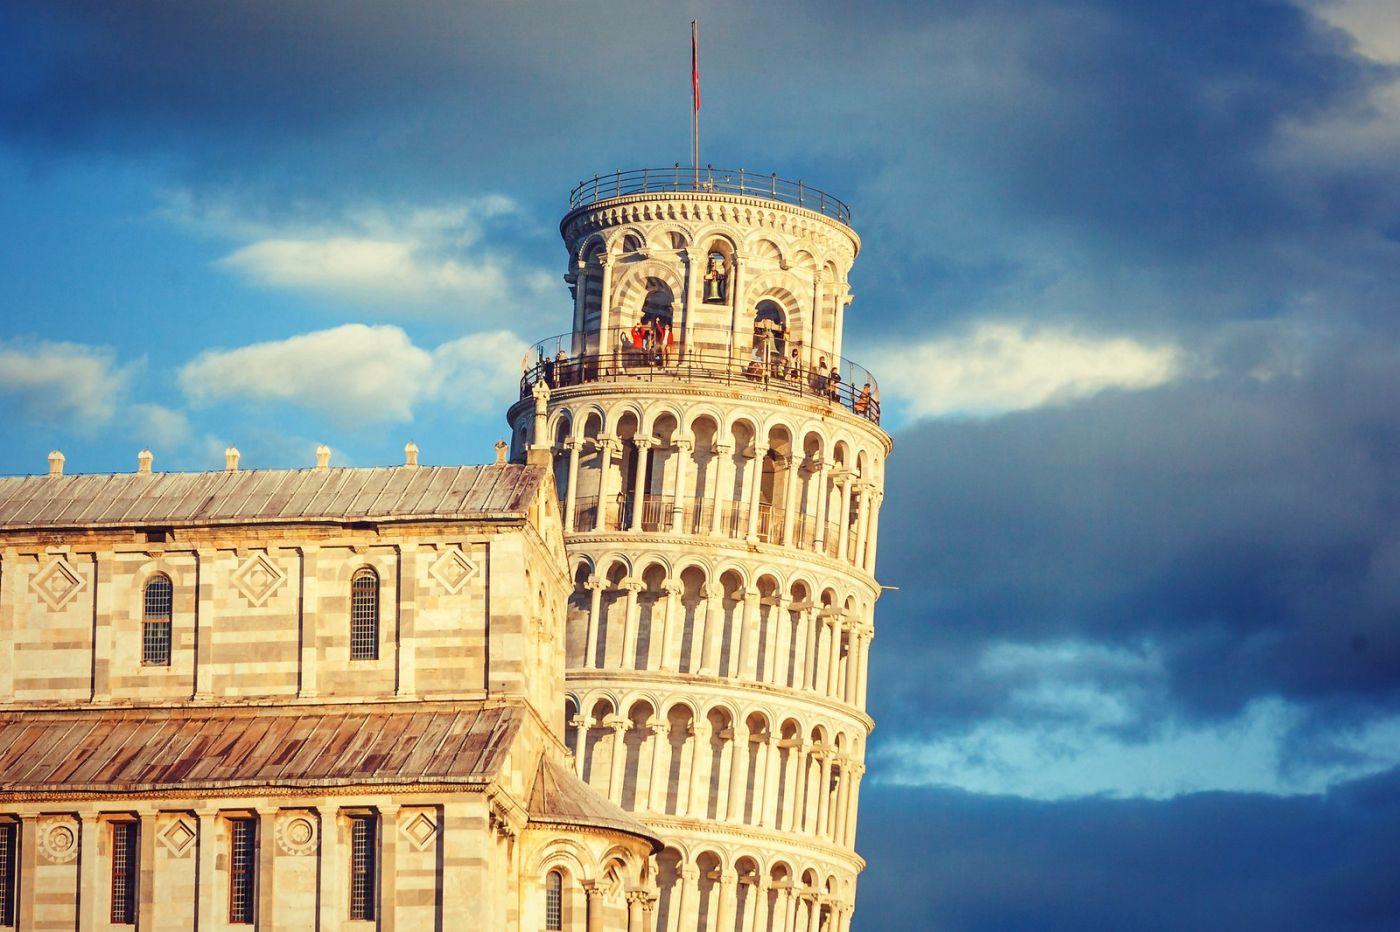 意大利比萨斜塔,塔旁的建筑群_图1-23